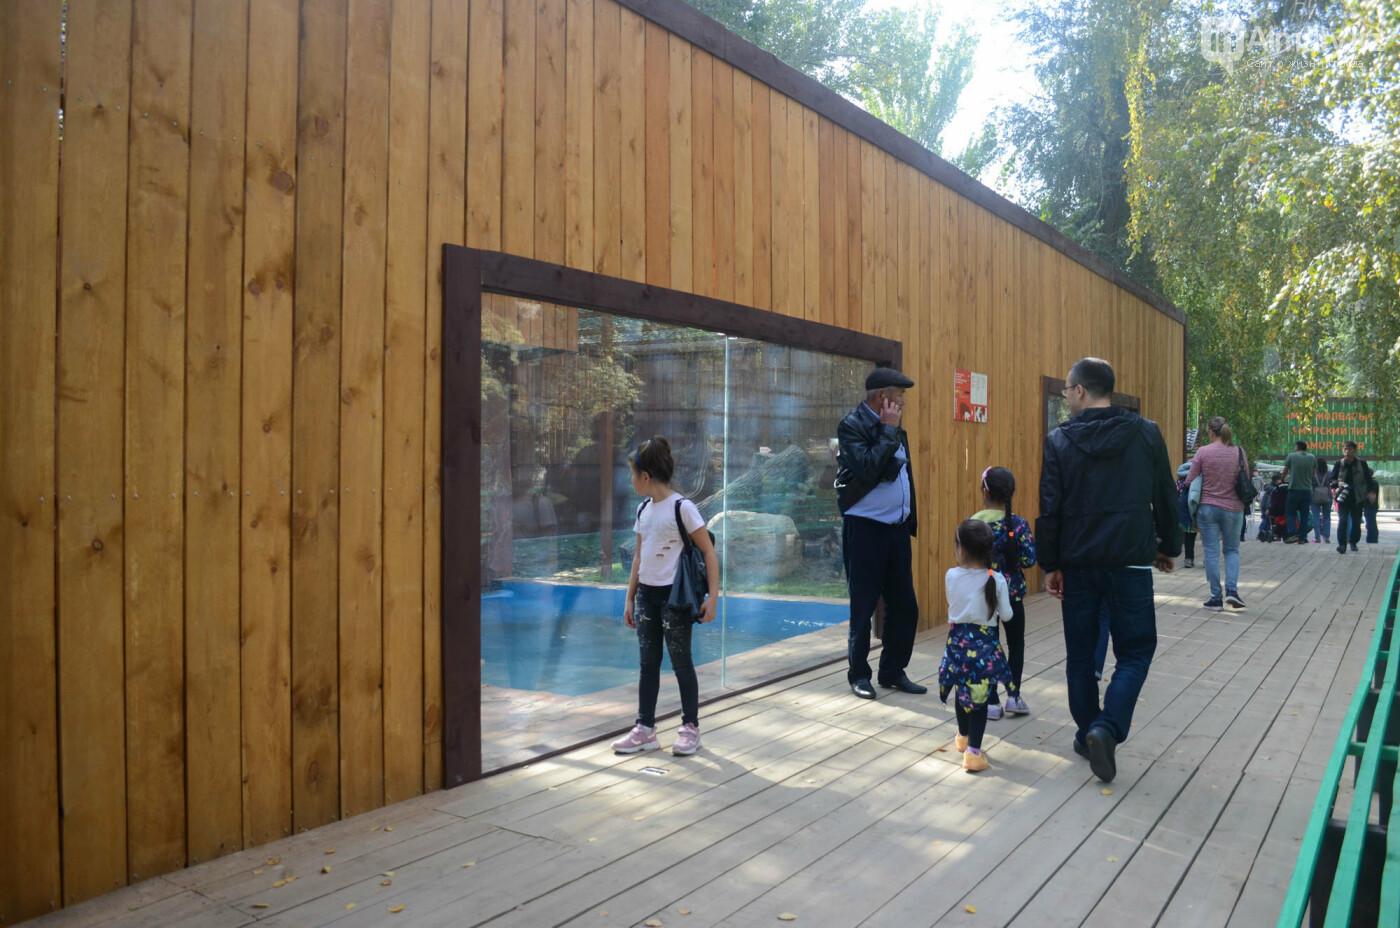 Медведь Акжолтай обрел новый дом в алматинском зоопарке (фото), фото-5